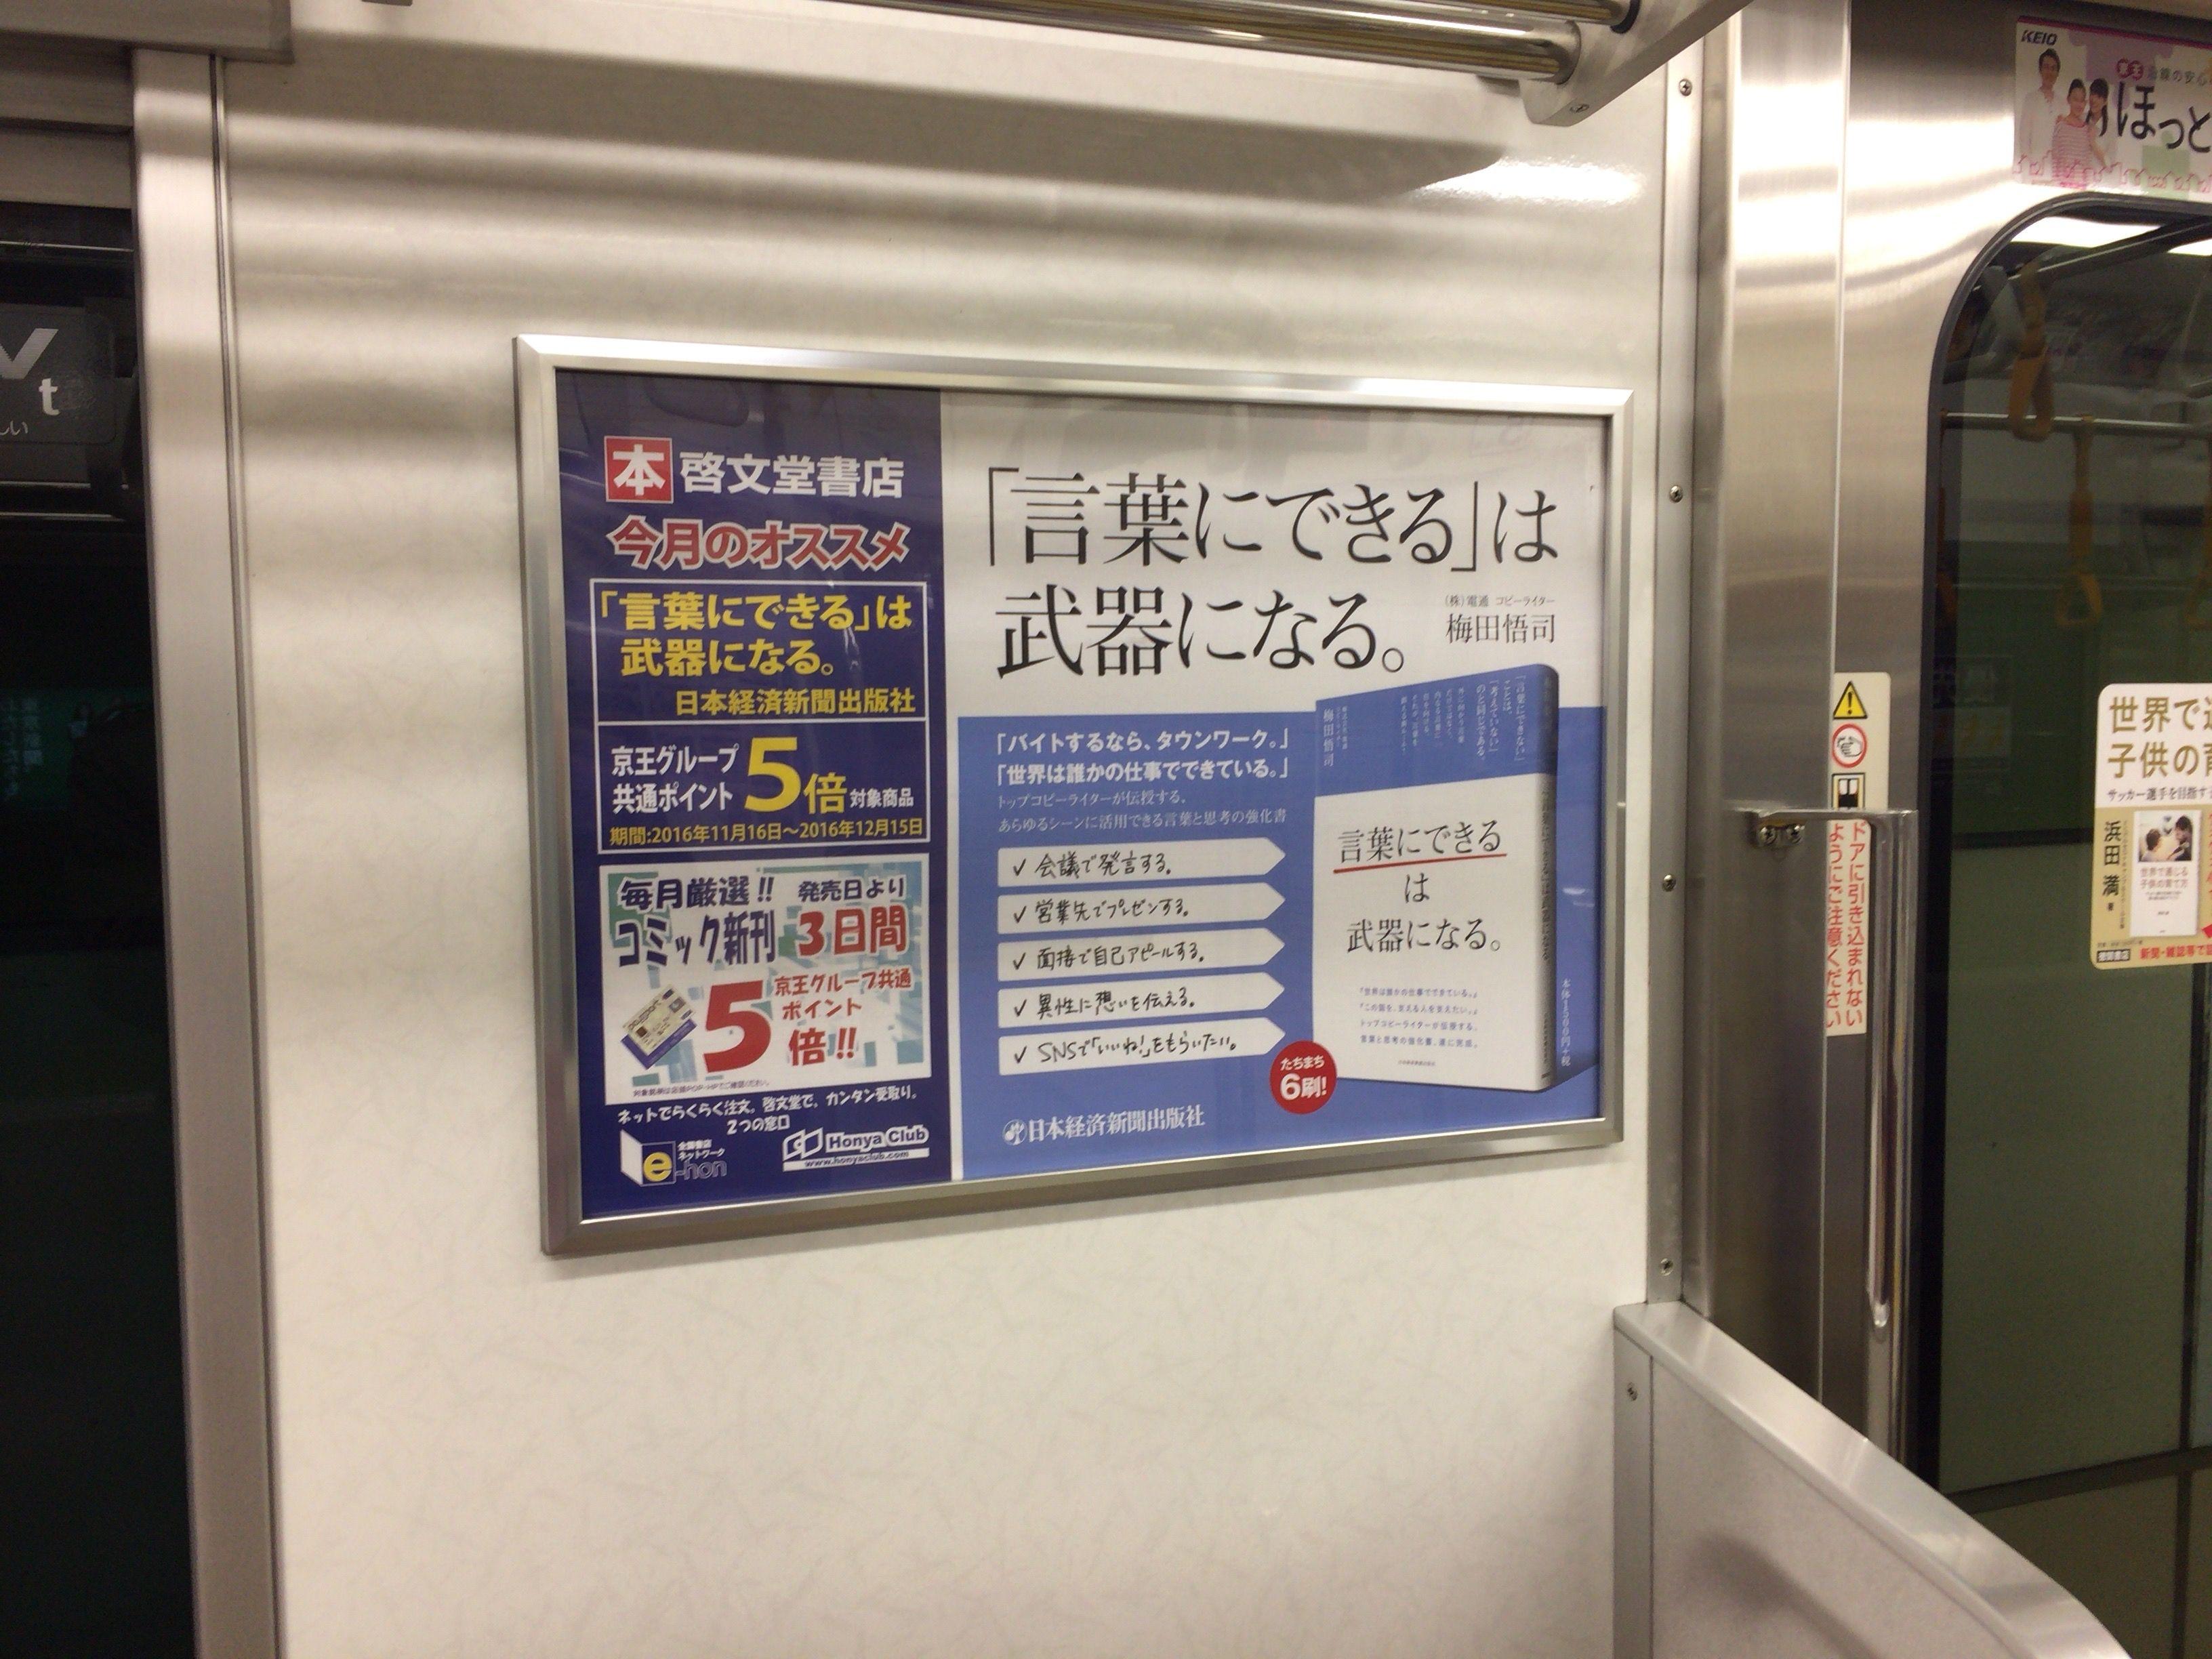 京王線ドア横ポスター 啓文堂タイアップ 2016 11 広告 ポスター チラシ